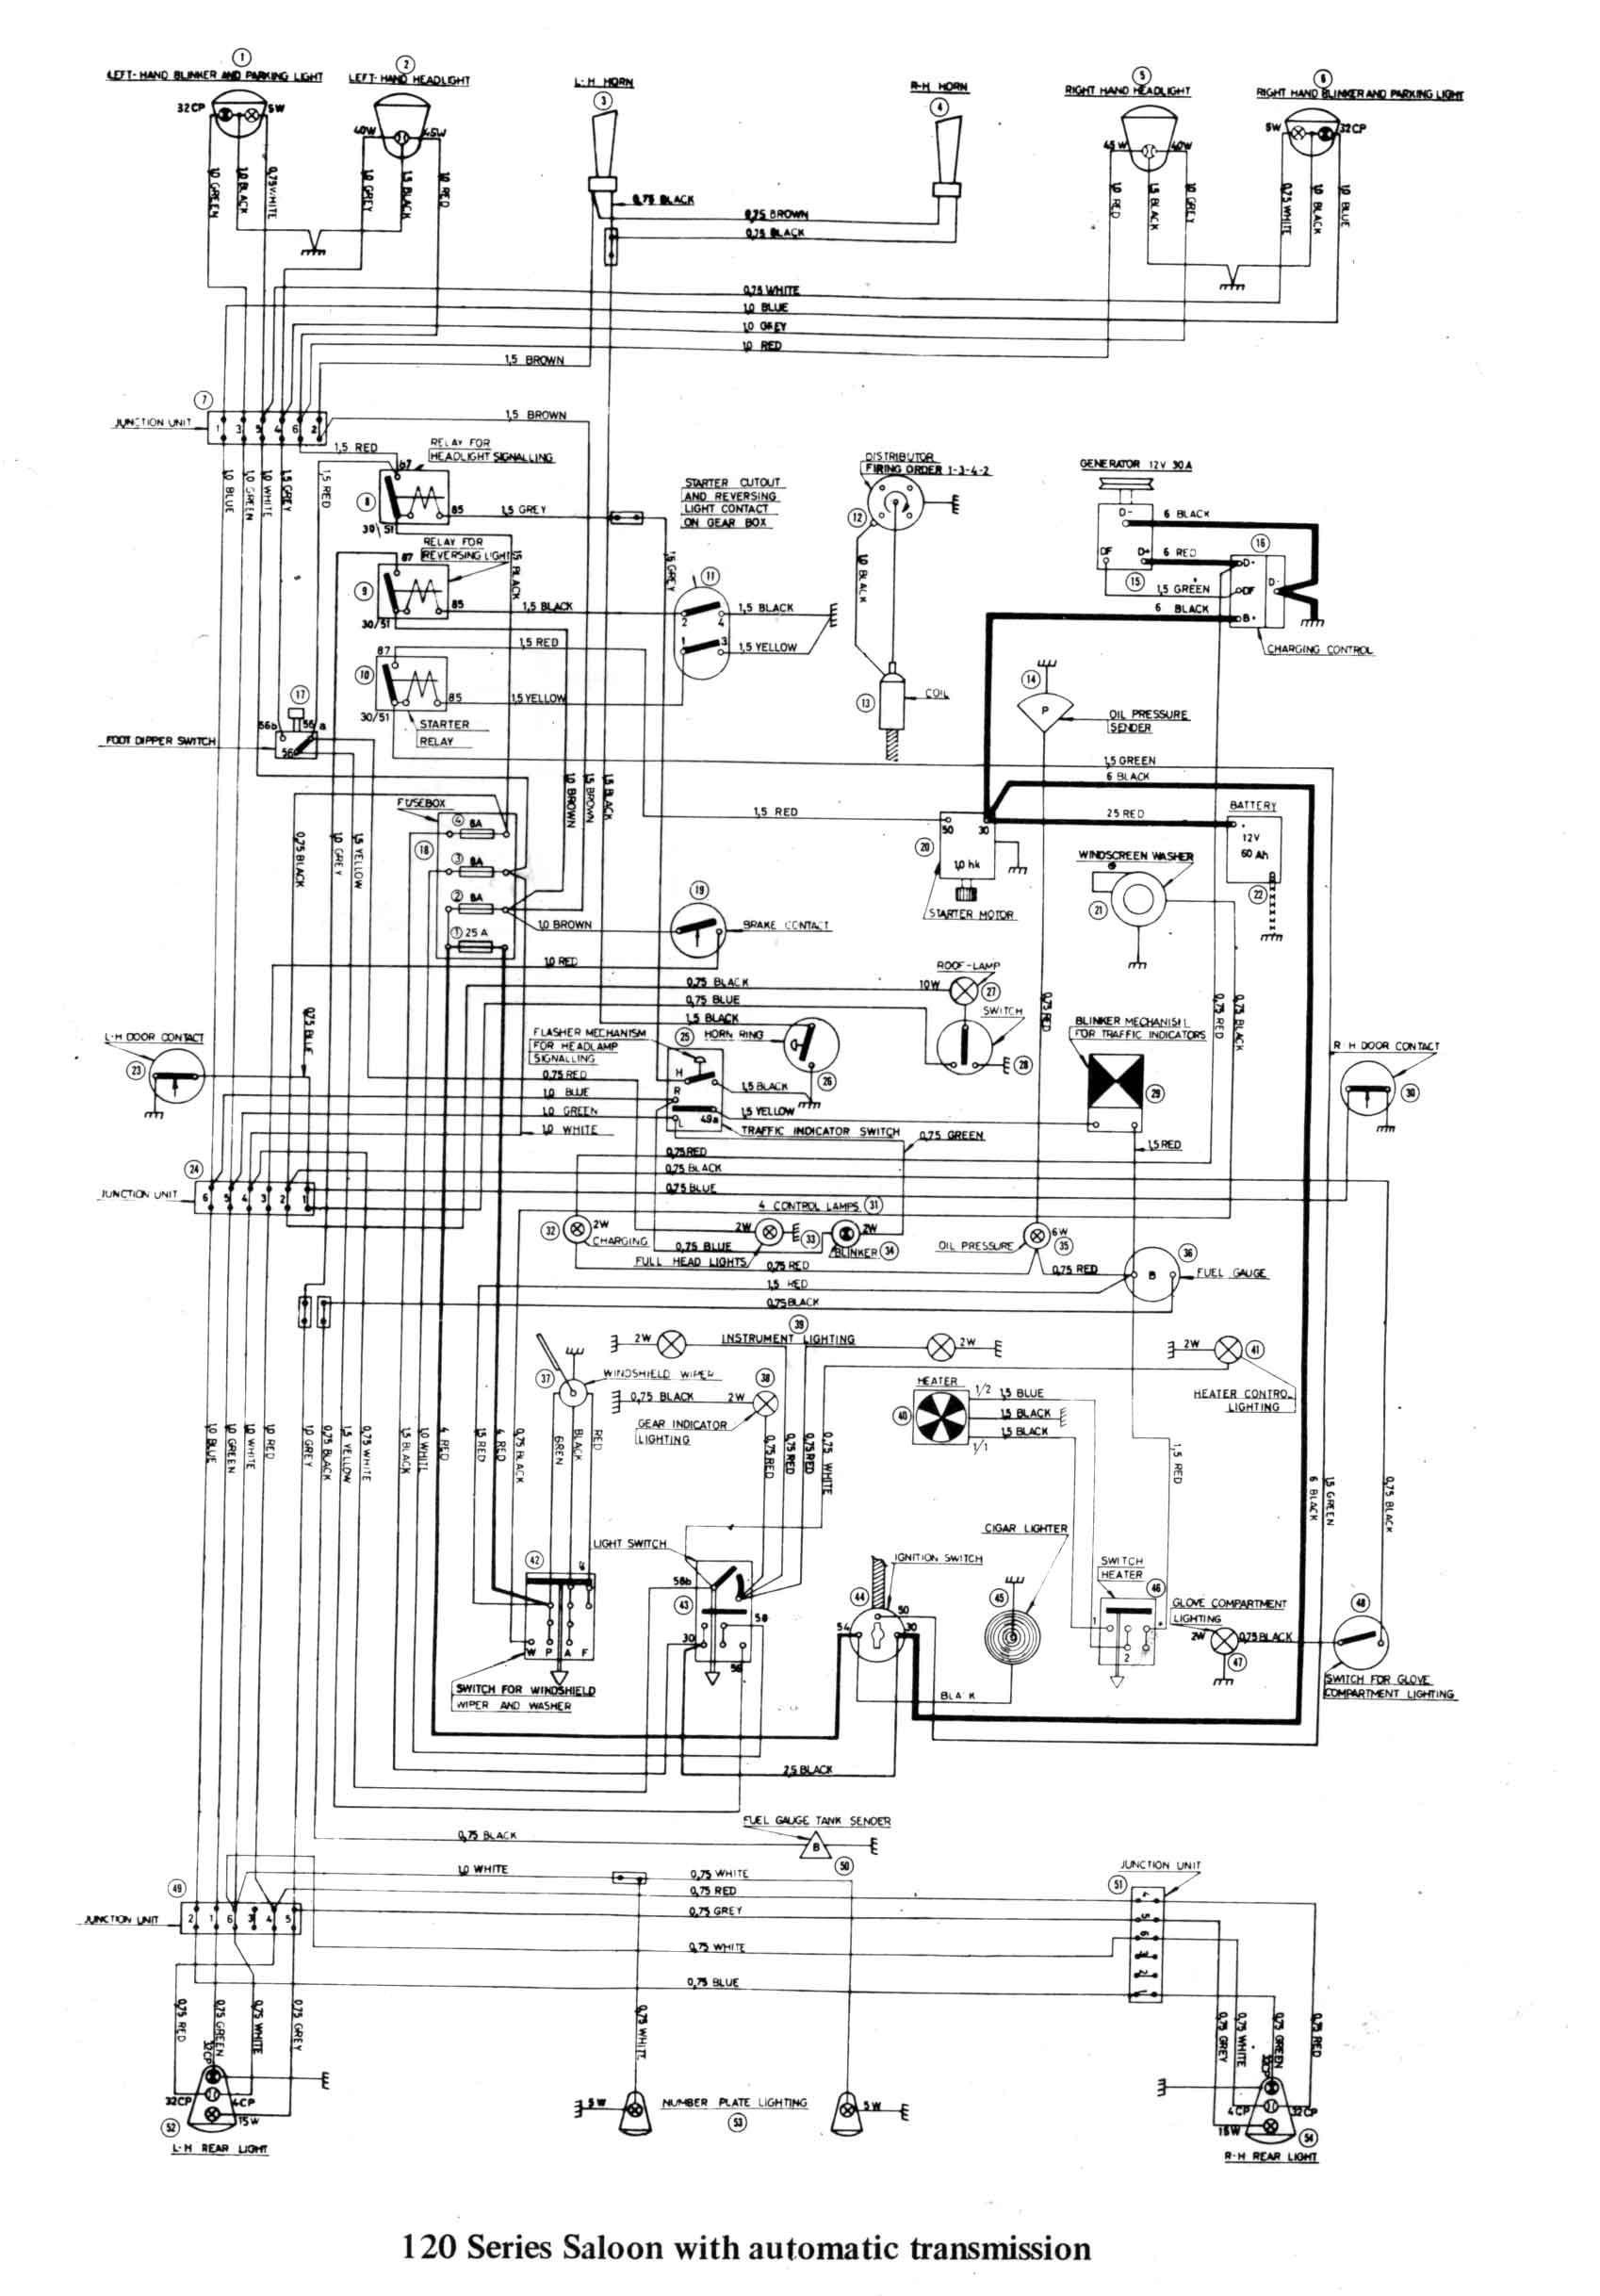 Switch Diagram Unique Automotive Car Wiring Diagram Valid Sw Em Od Wiring Diagram for Car